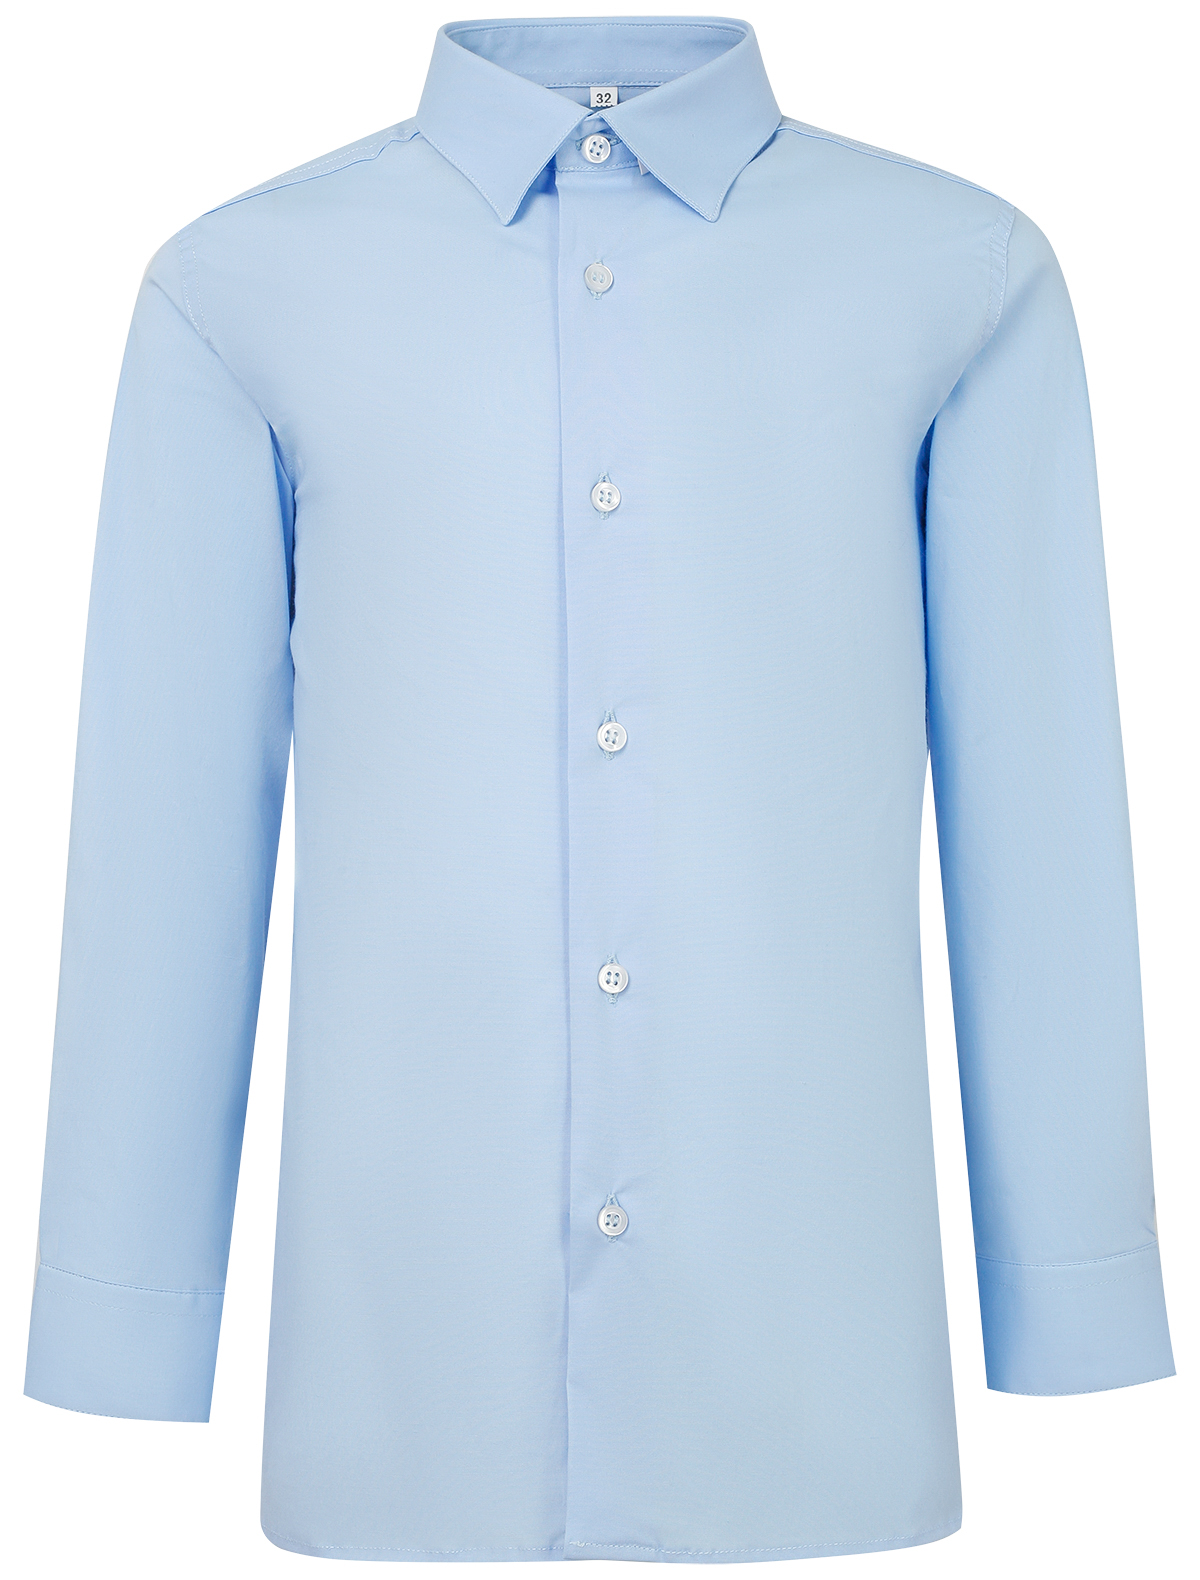 Купить 2043579, Рубашка Malip, голубой, Мужской, 1011519980119